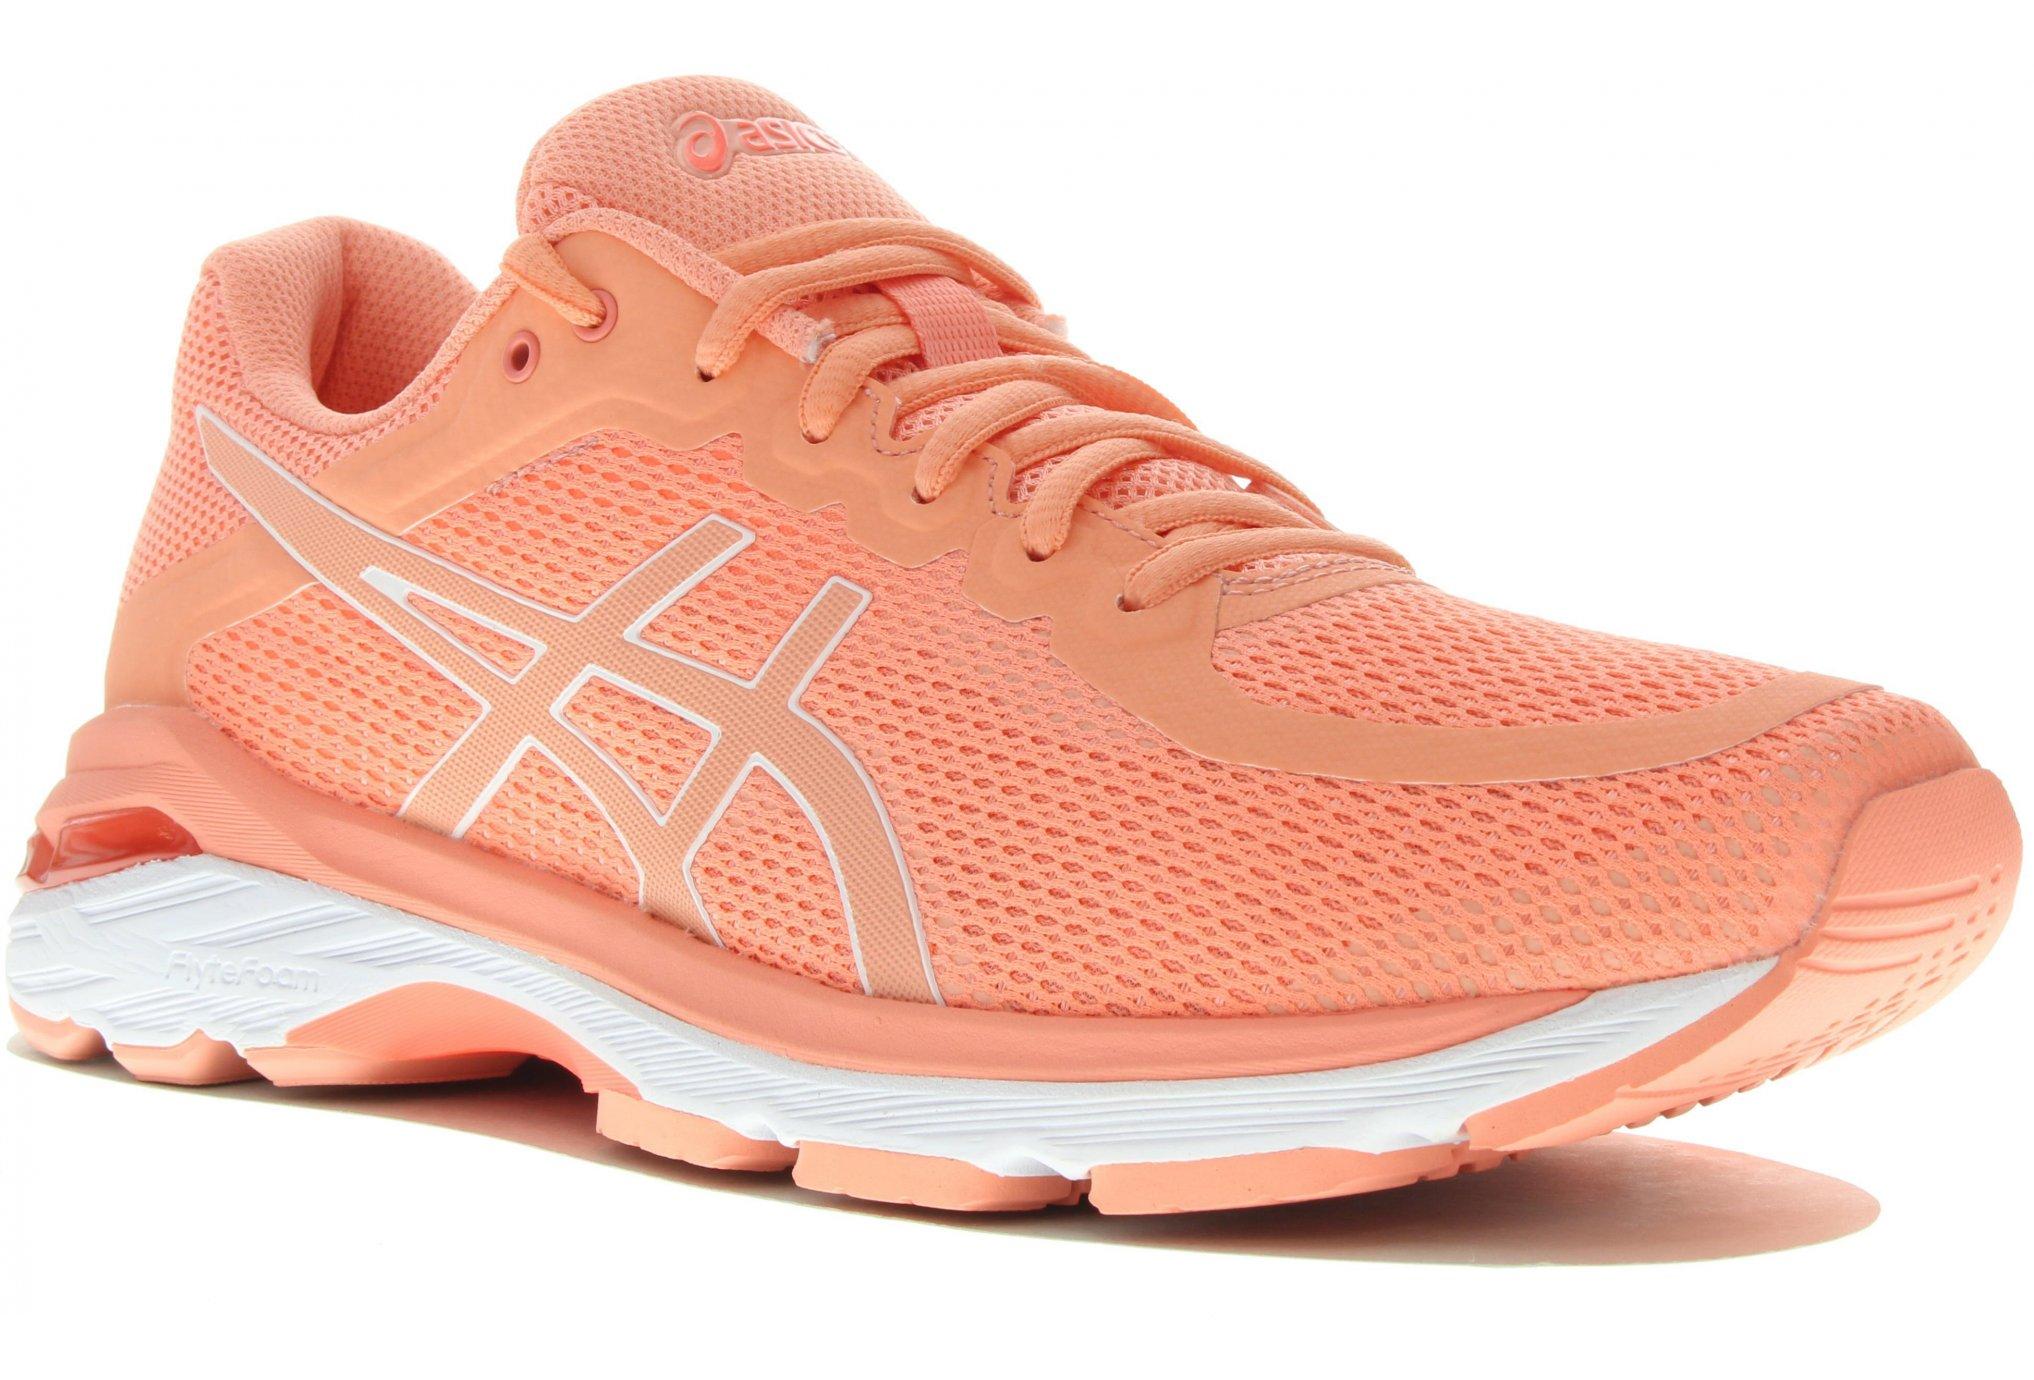 Asics Gel-Pursue 4 W Chaussures running femme